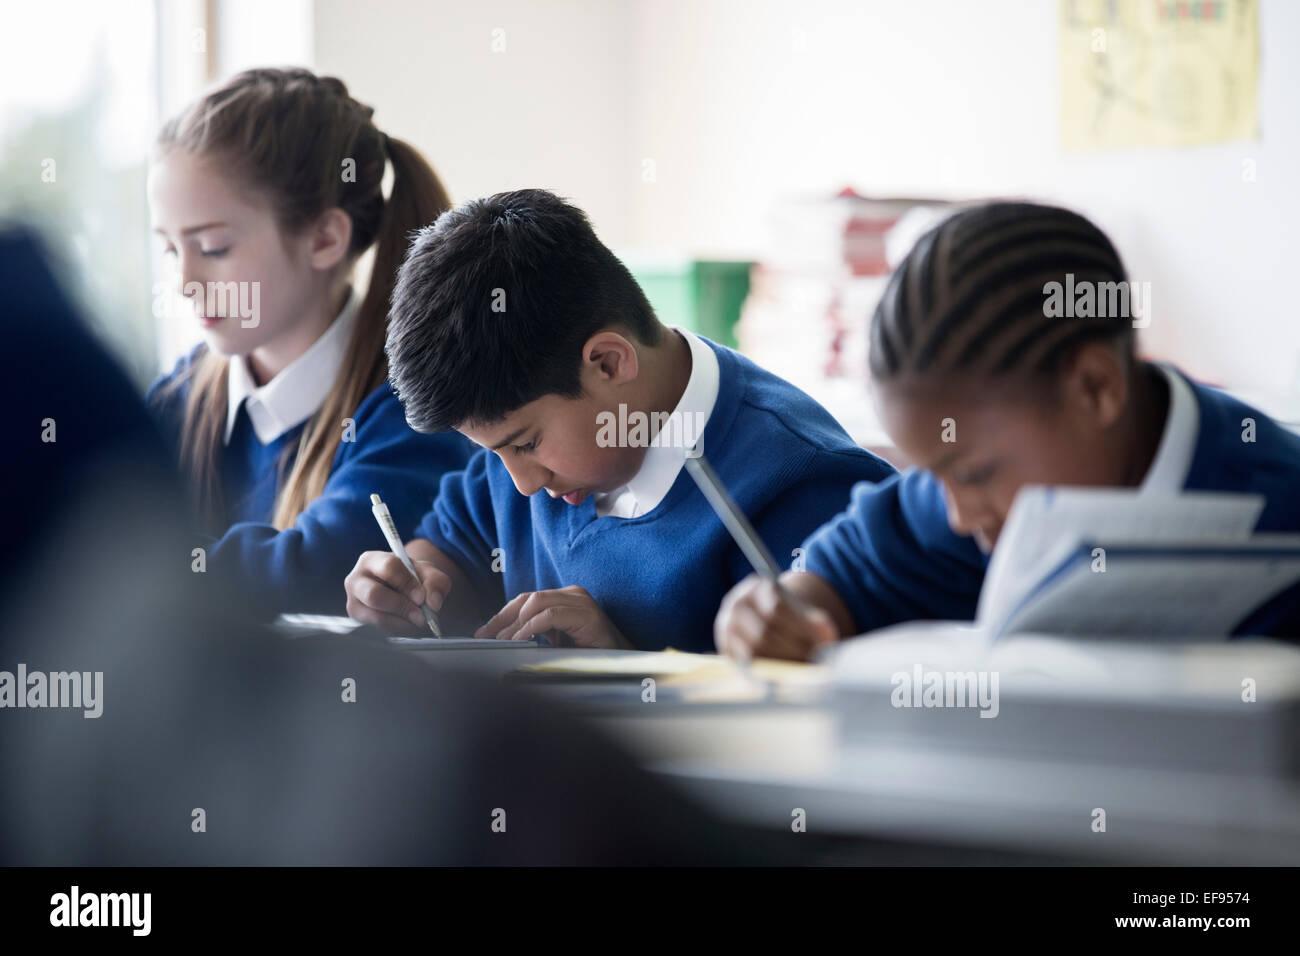 Les enfants de l'école élémentaire écrit en classe Photo Stock